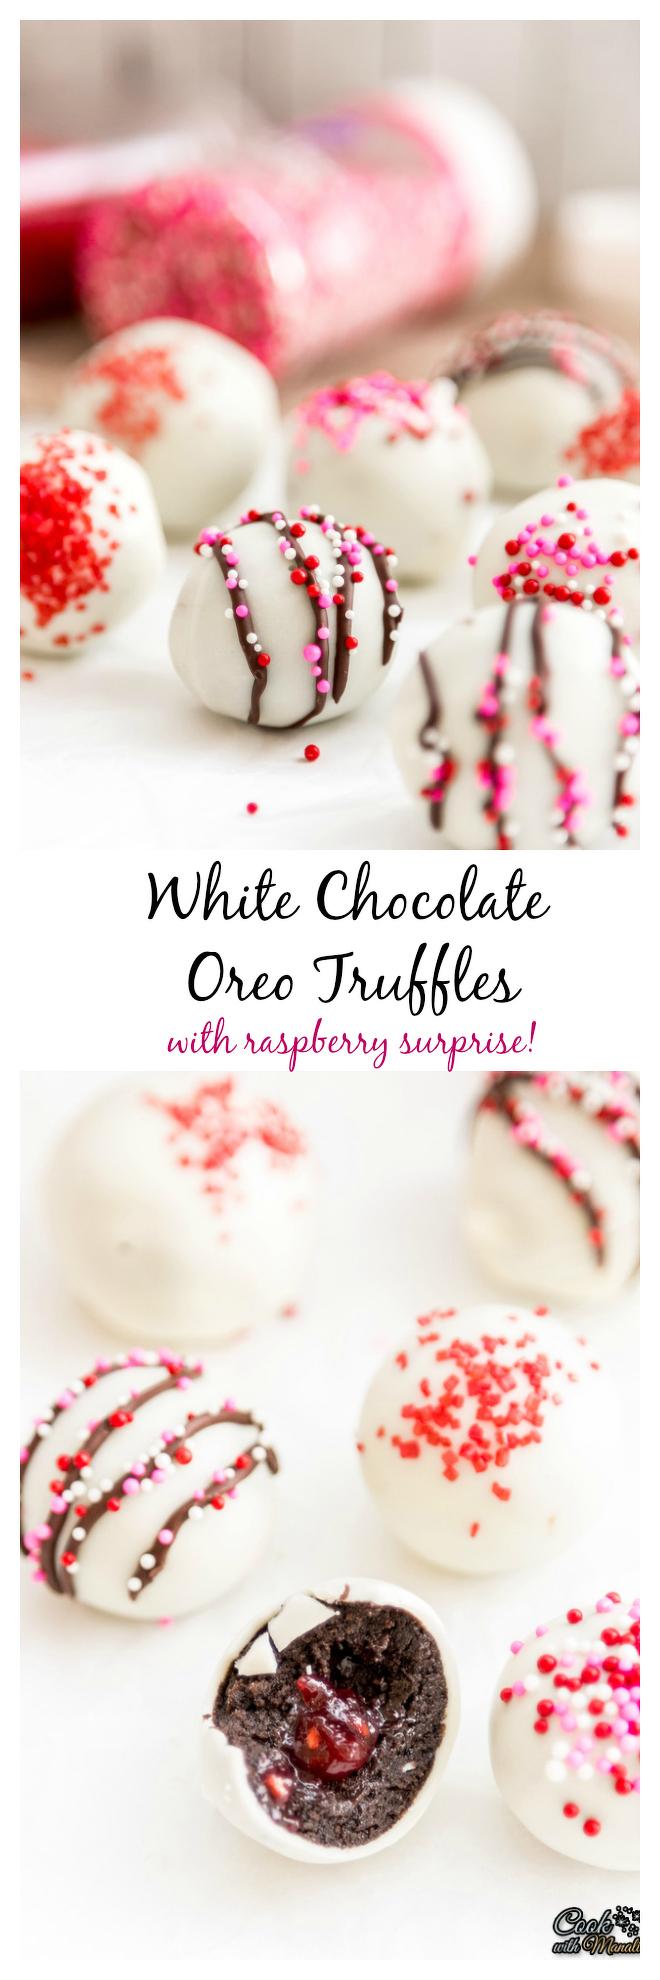 White-Chocolate-Oreo-Truffles-Collage-nocwm